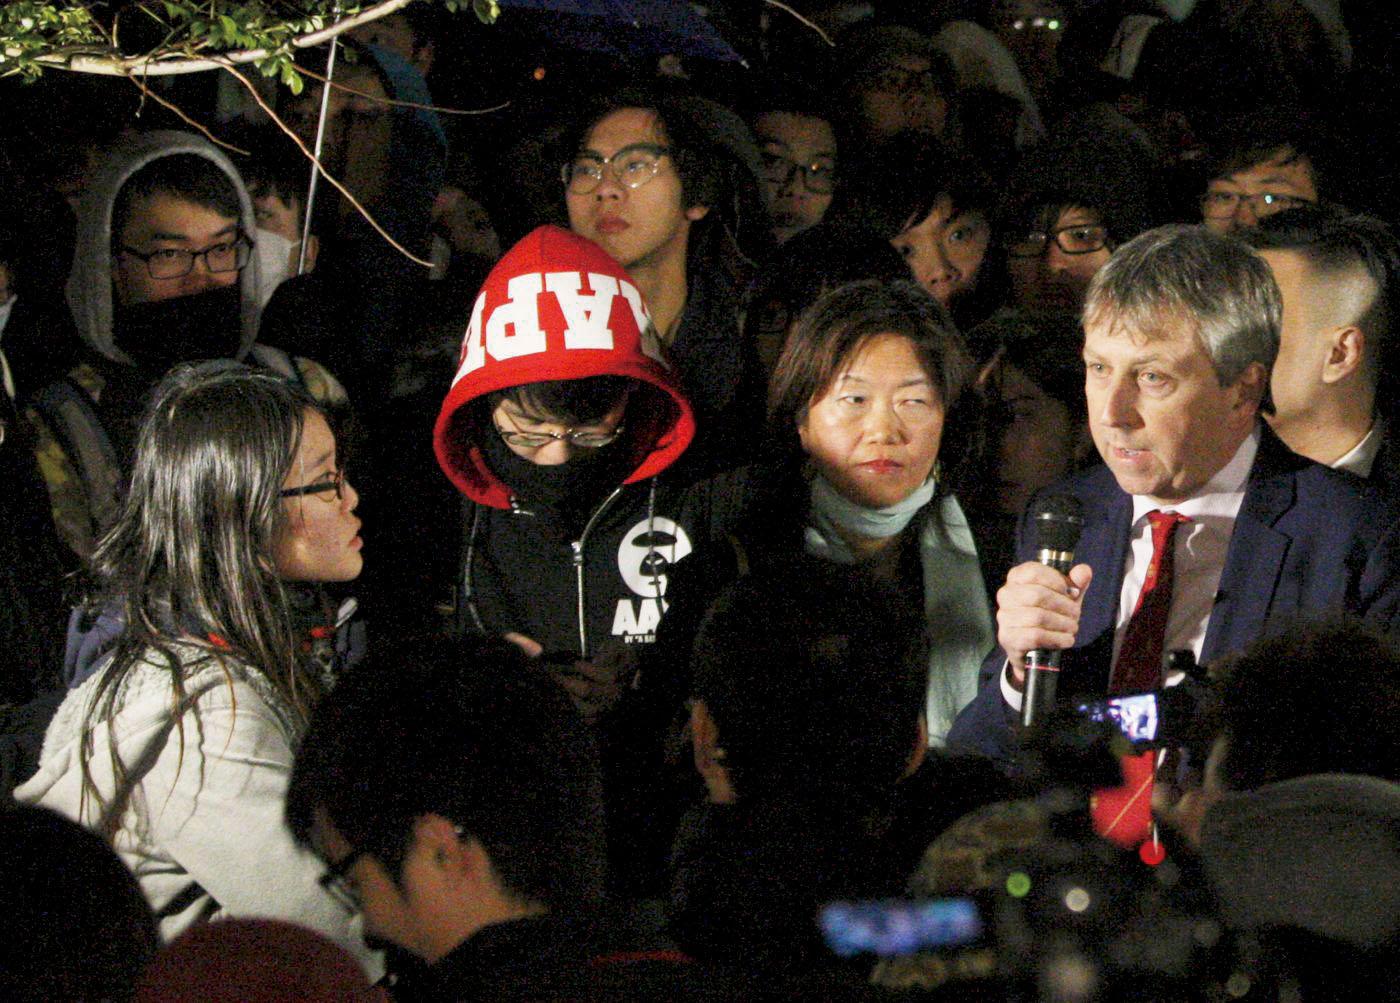 港大校委會在2016年1月26日開會商討港大管治的專組,期間有學生衝擊會場,馬斐森稱不會縱容「暴民統治 (mob rule)」。(《明報》提供)